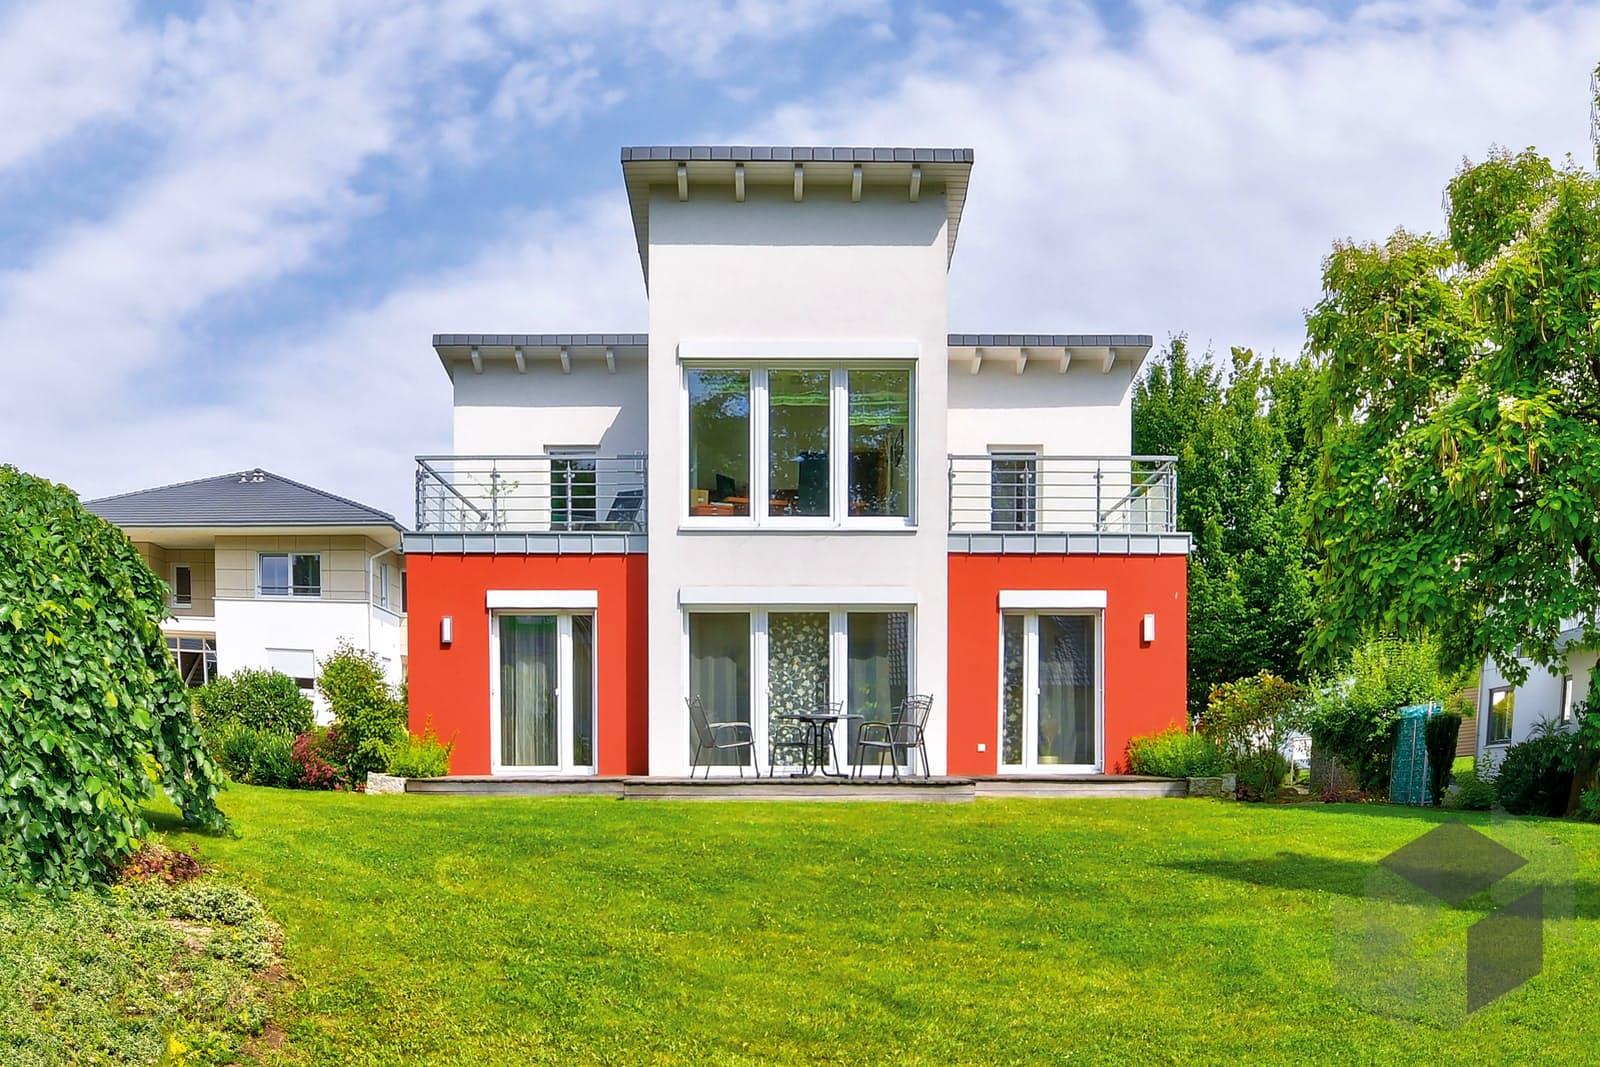 hausvorschlag frankfurt inactive von helma eigenheimbau komplette daten bersicht. Black Bedroom Furniture Sets. Home Design Ideas